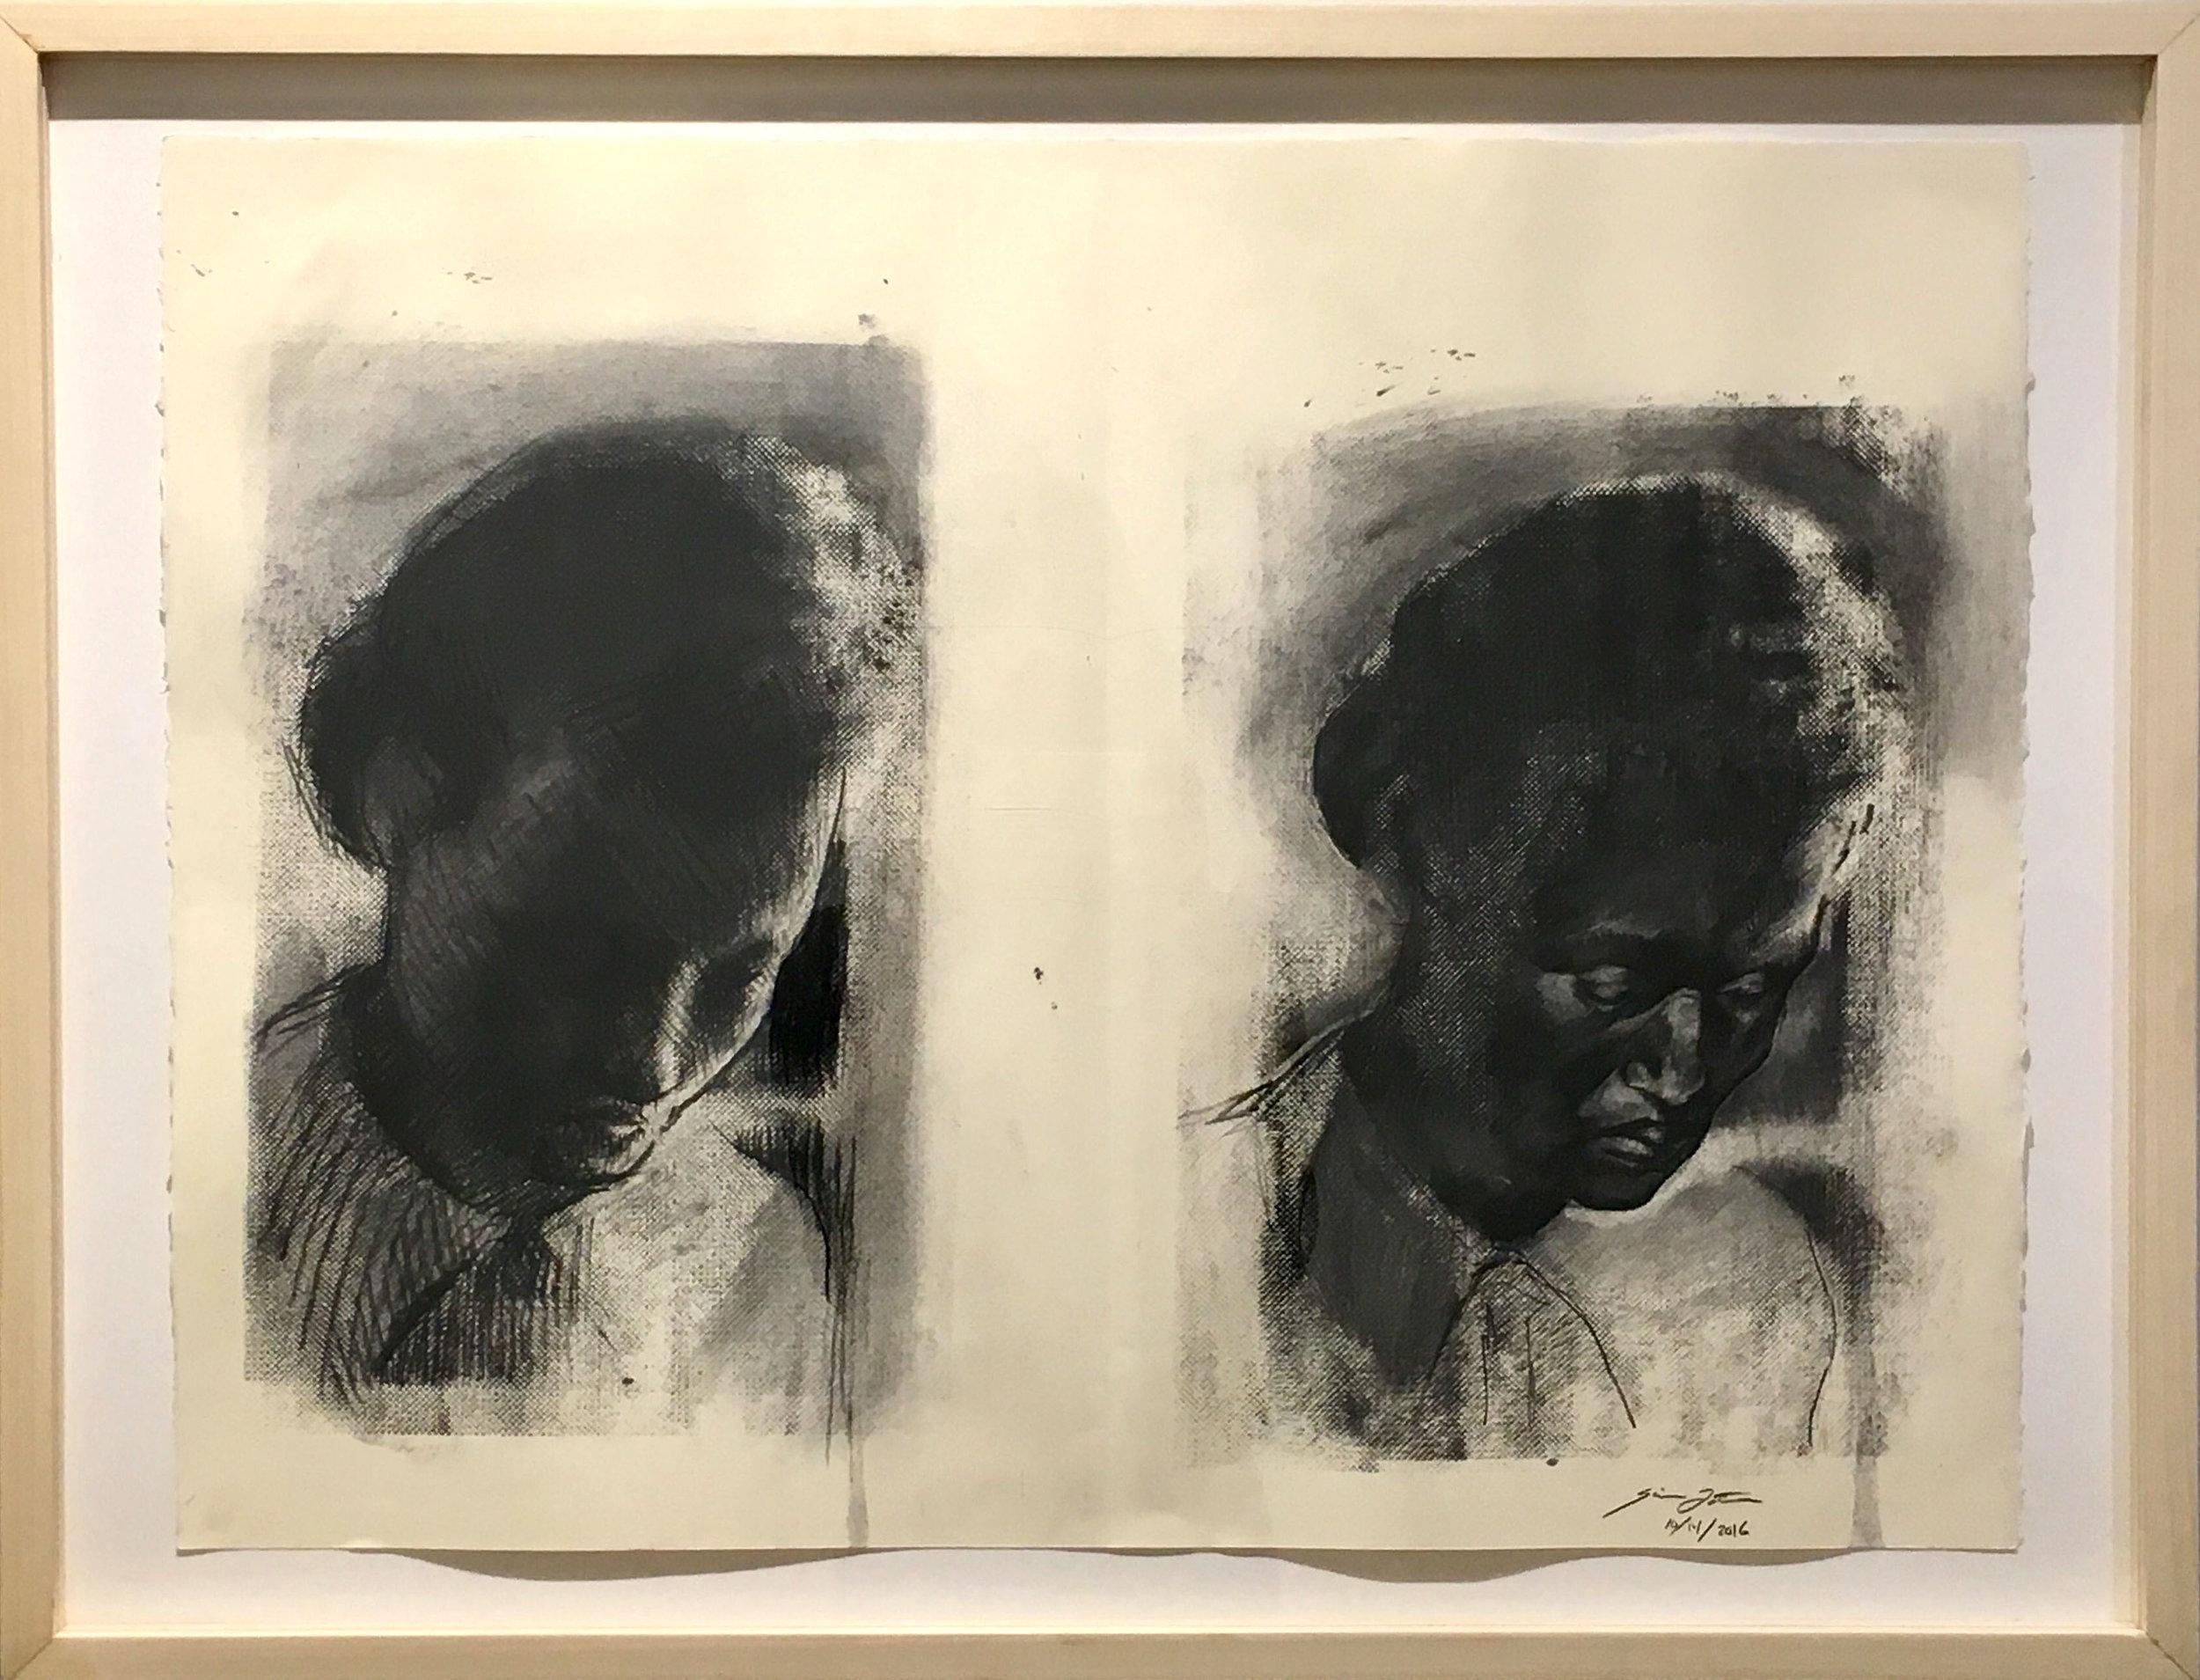 Simon Tatum, Miss, ink on acetate, 11 x 17, $925